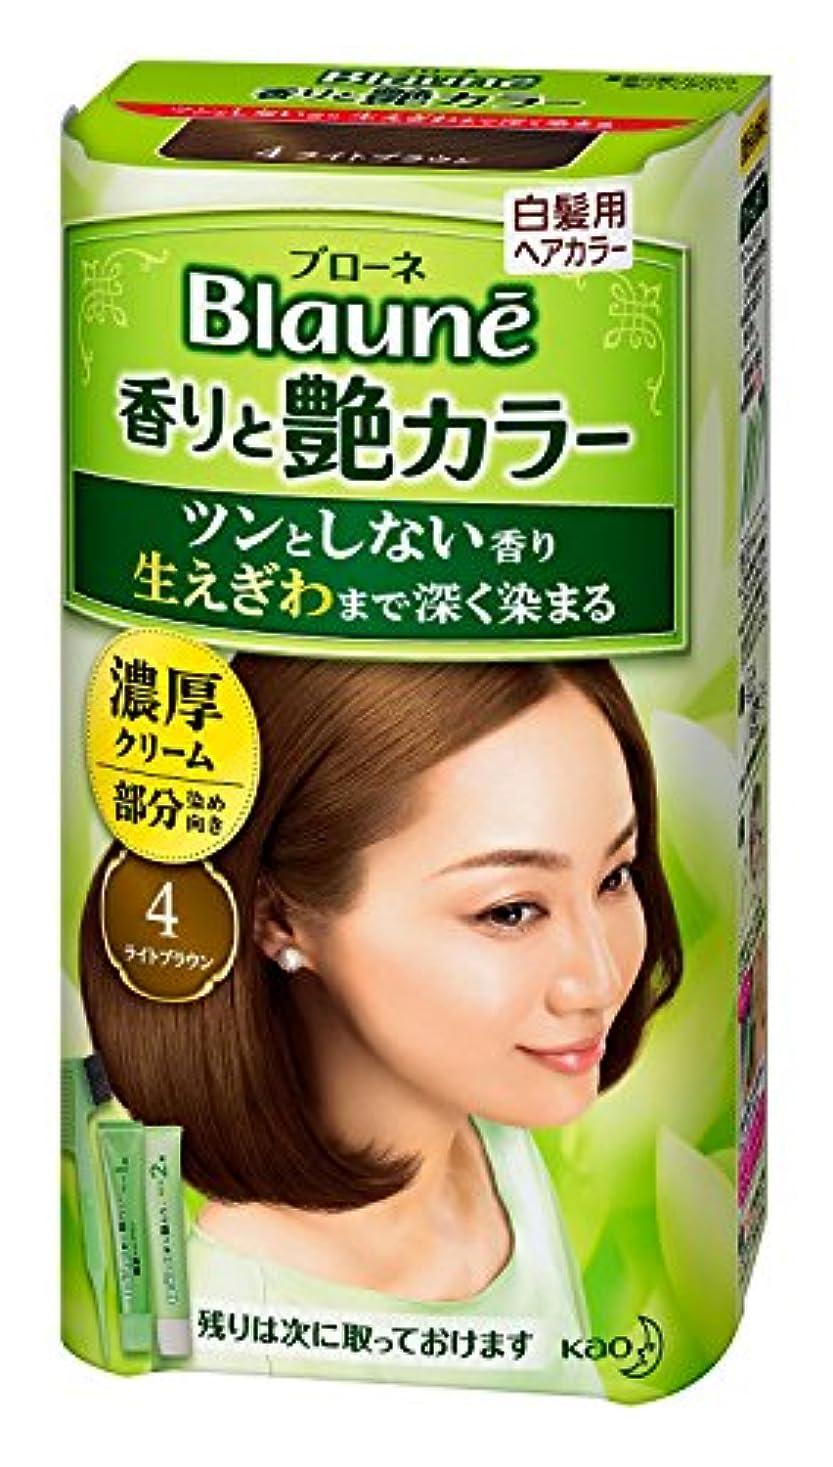 二モス乳白色【花王】ブローネ 香りと艶カラー クリーム 4:ライトブラウン 80g ×5個セット